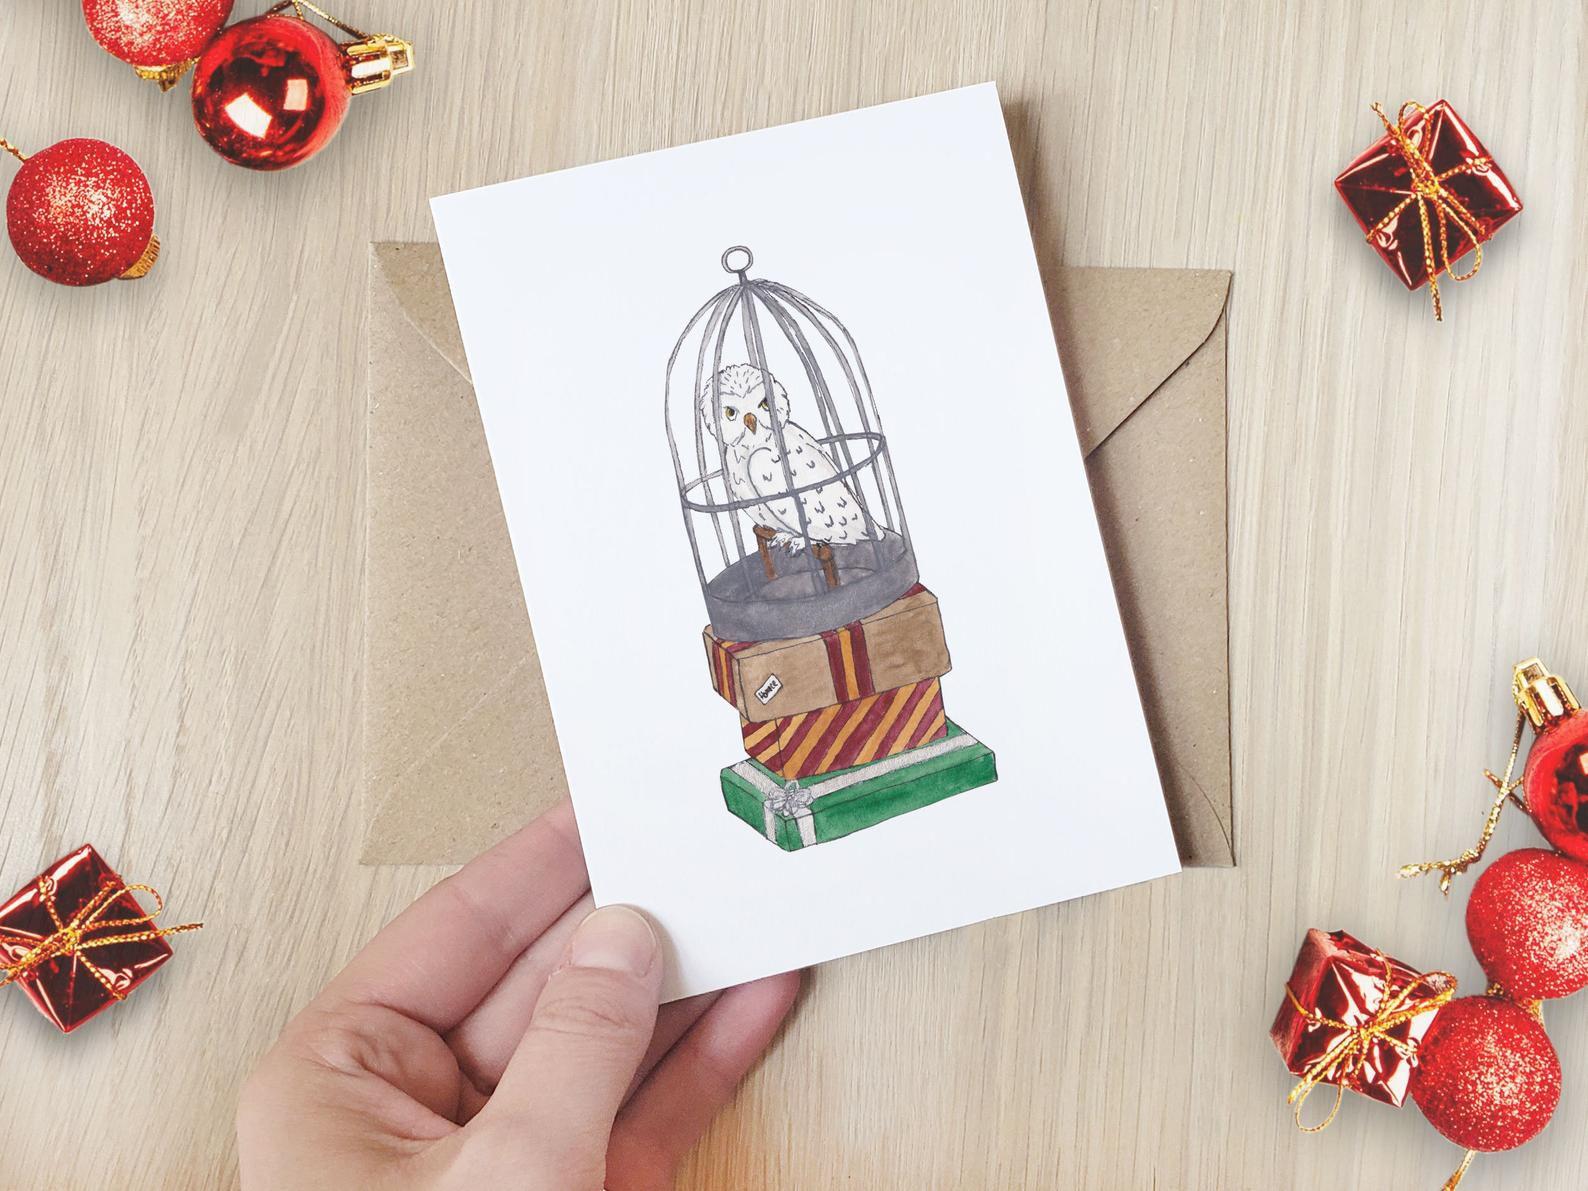 Hedwig Holiday Card